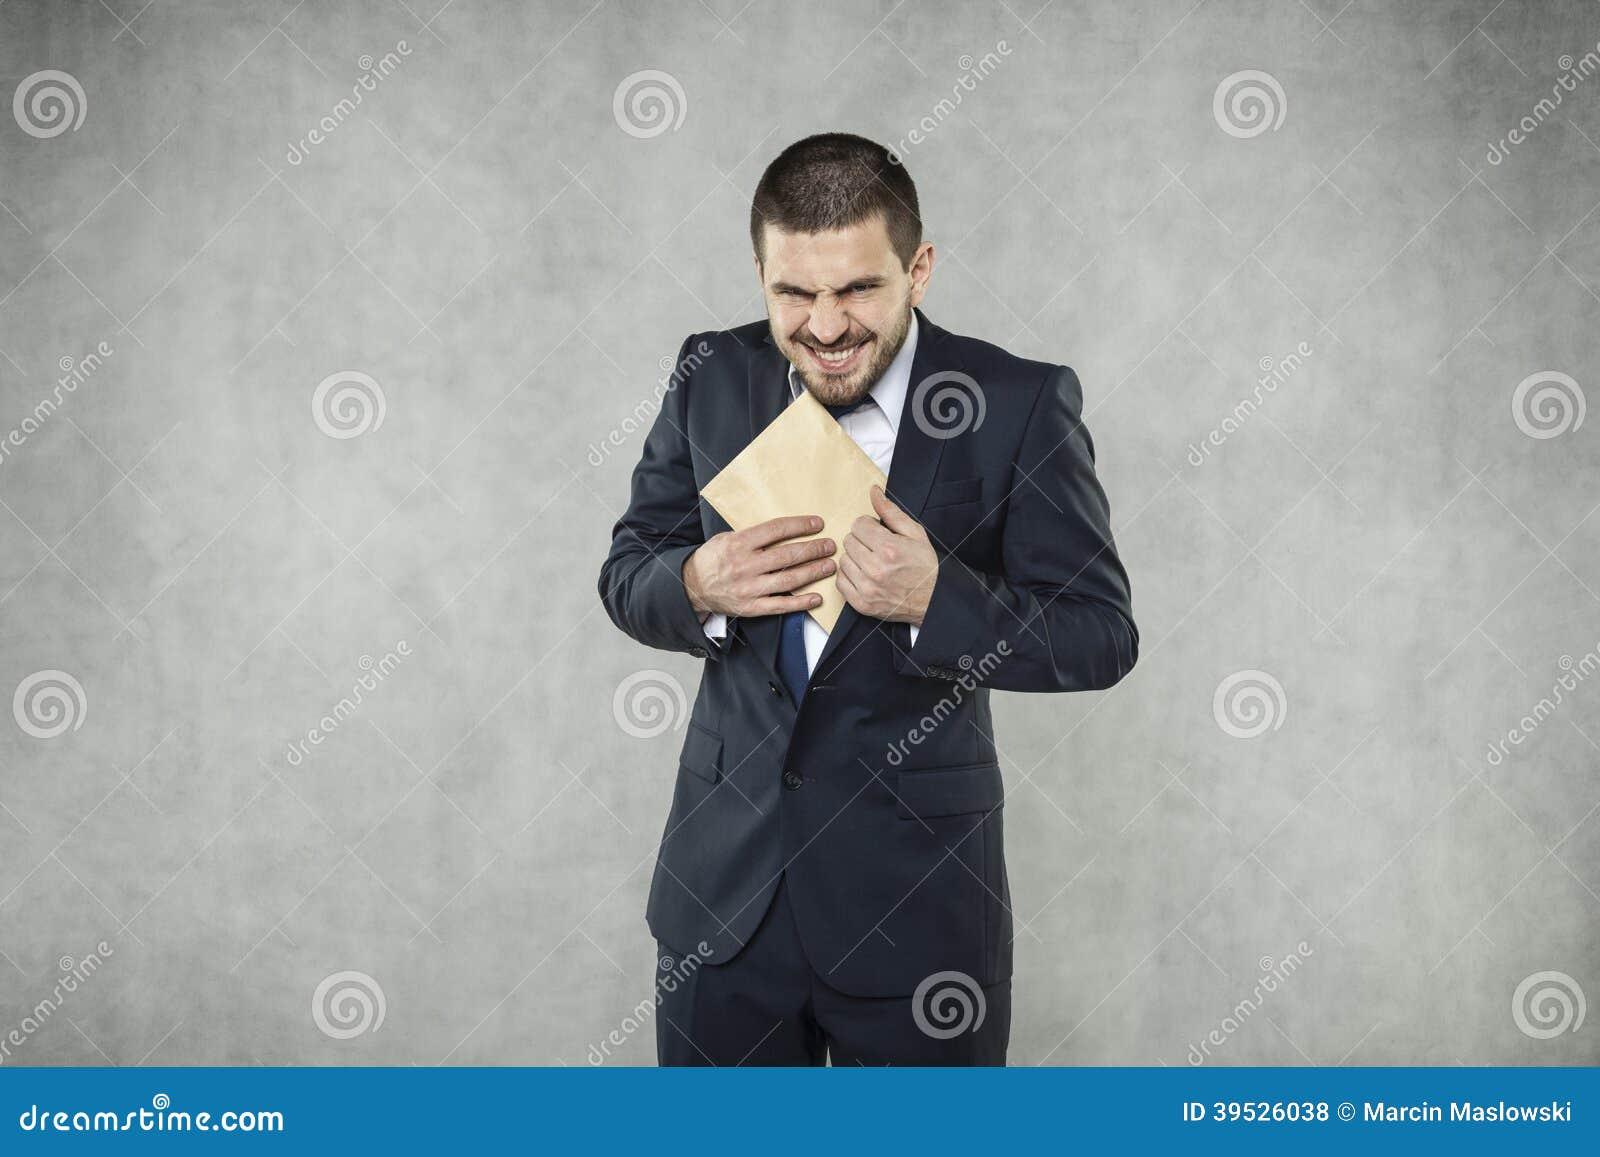 Смешной бизнесмен принимает взятку